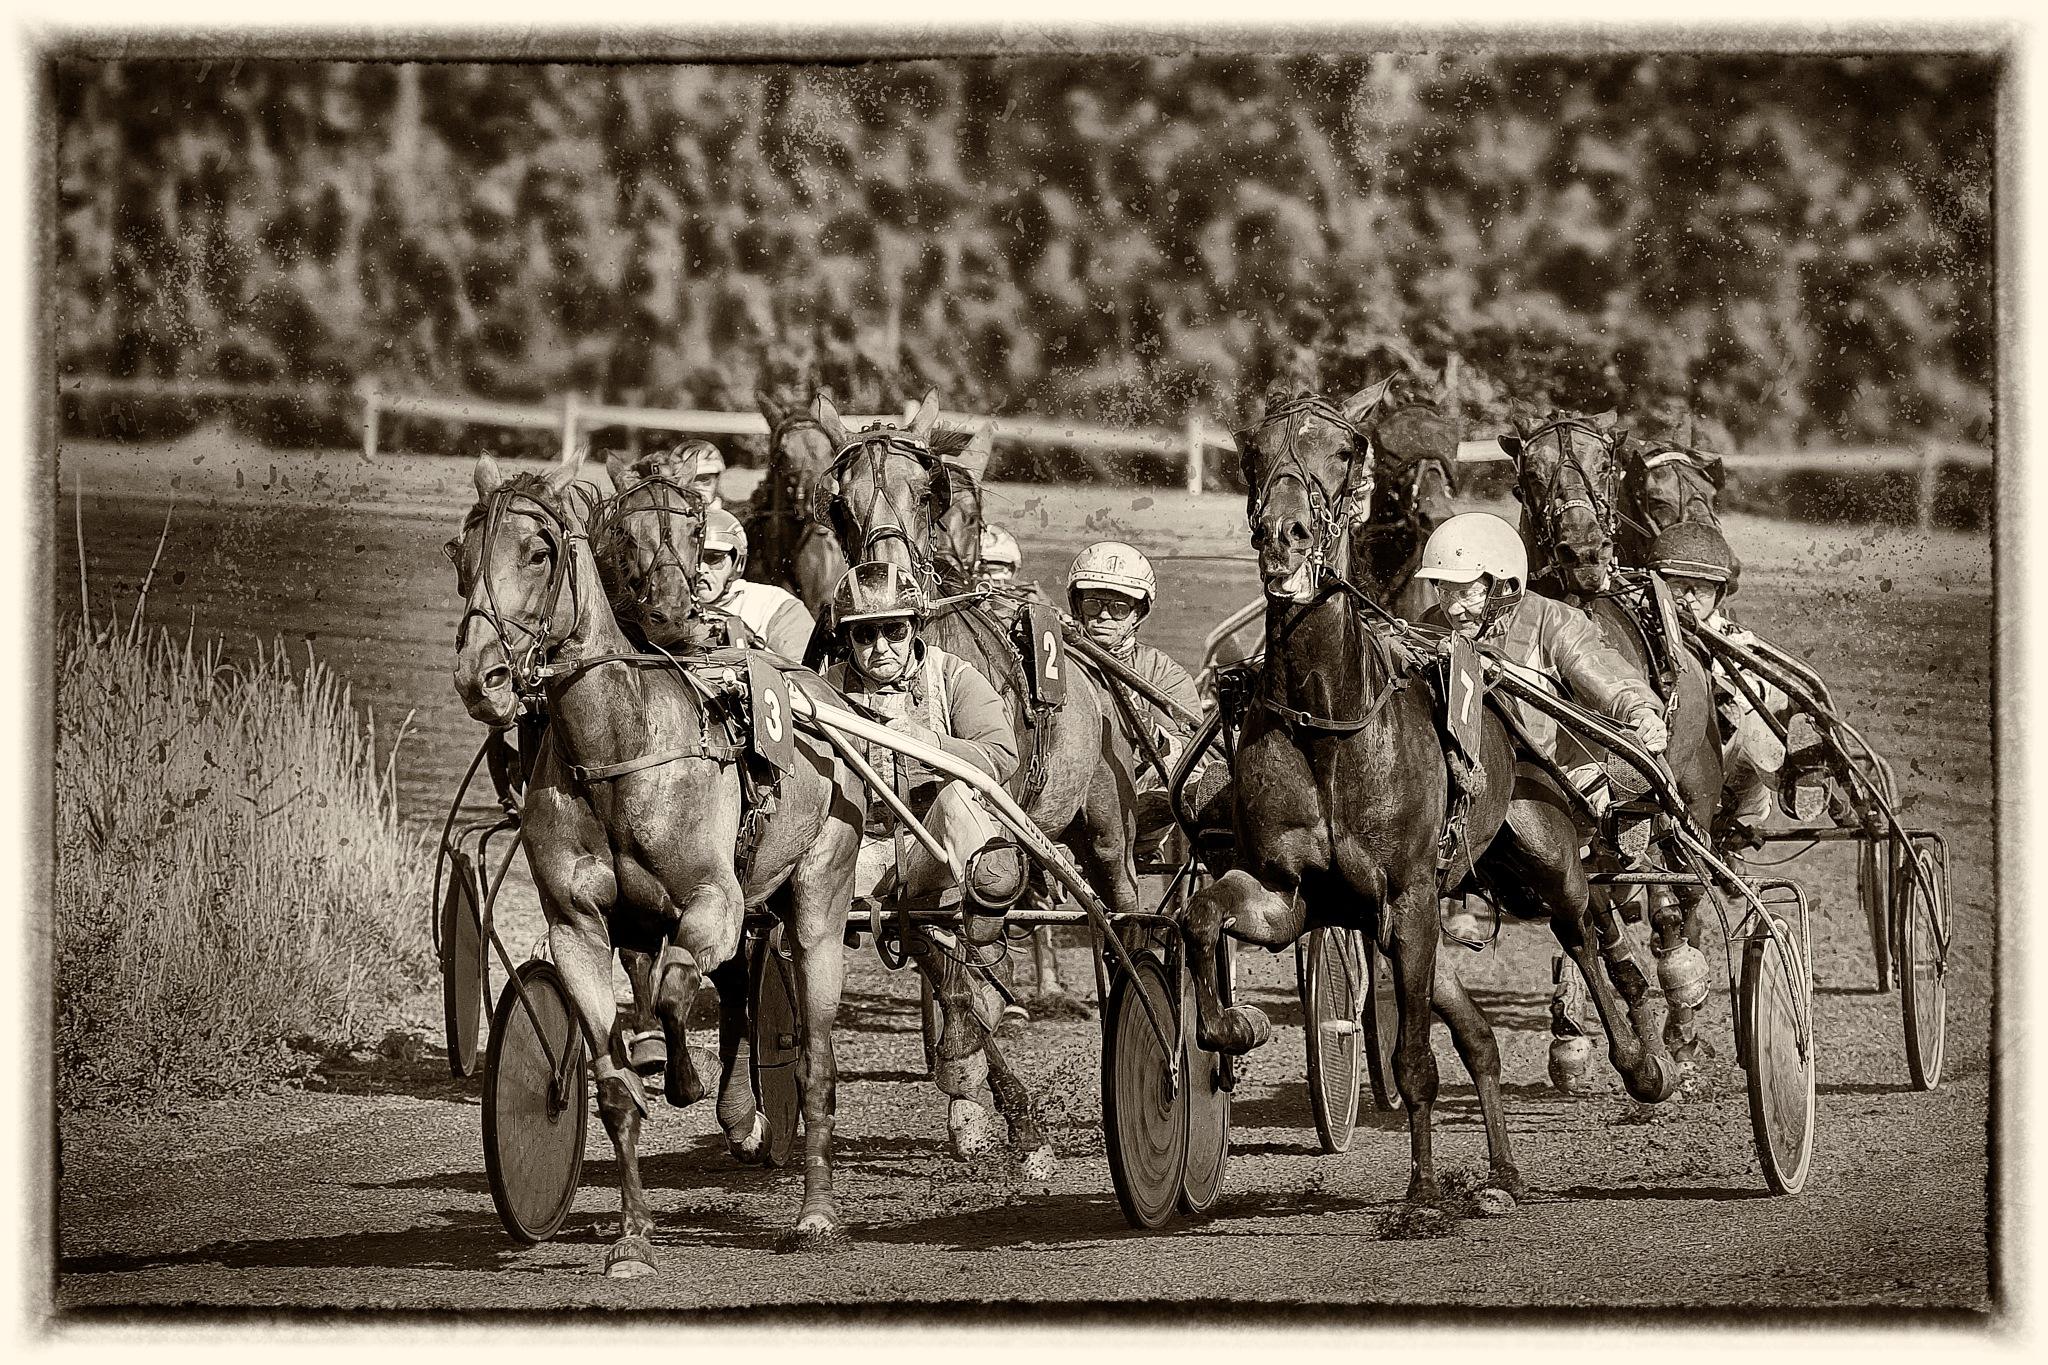 horserun by Renaat